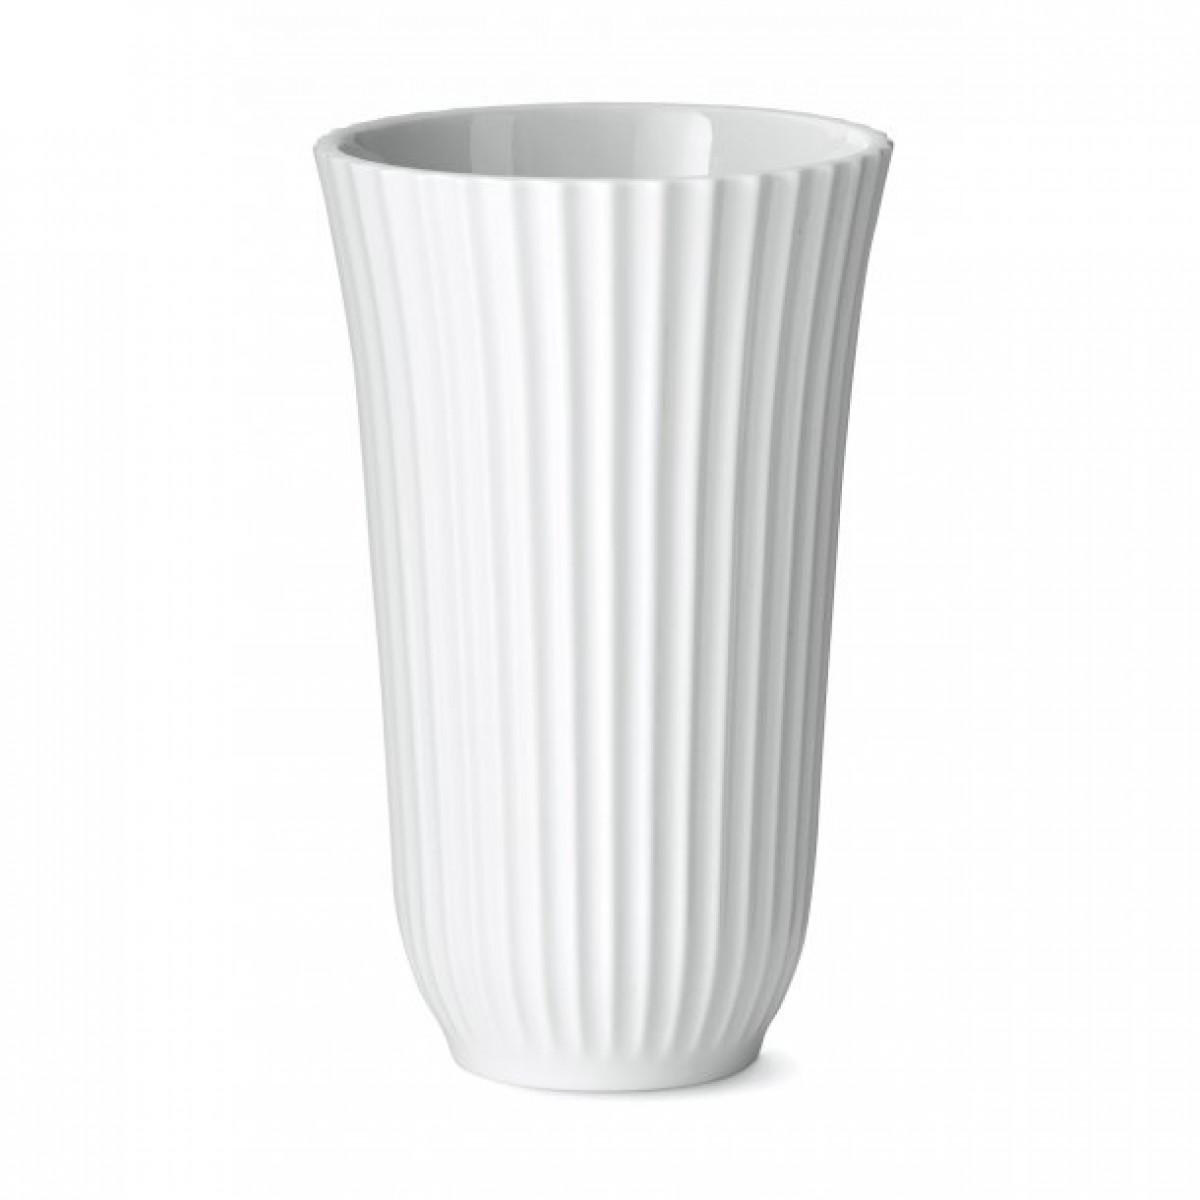 LYNGBY Trompet vasen 18 cm klar hvid porcelæn